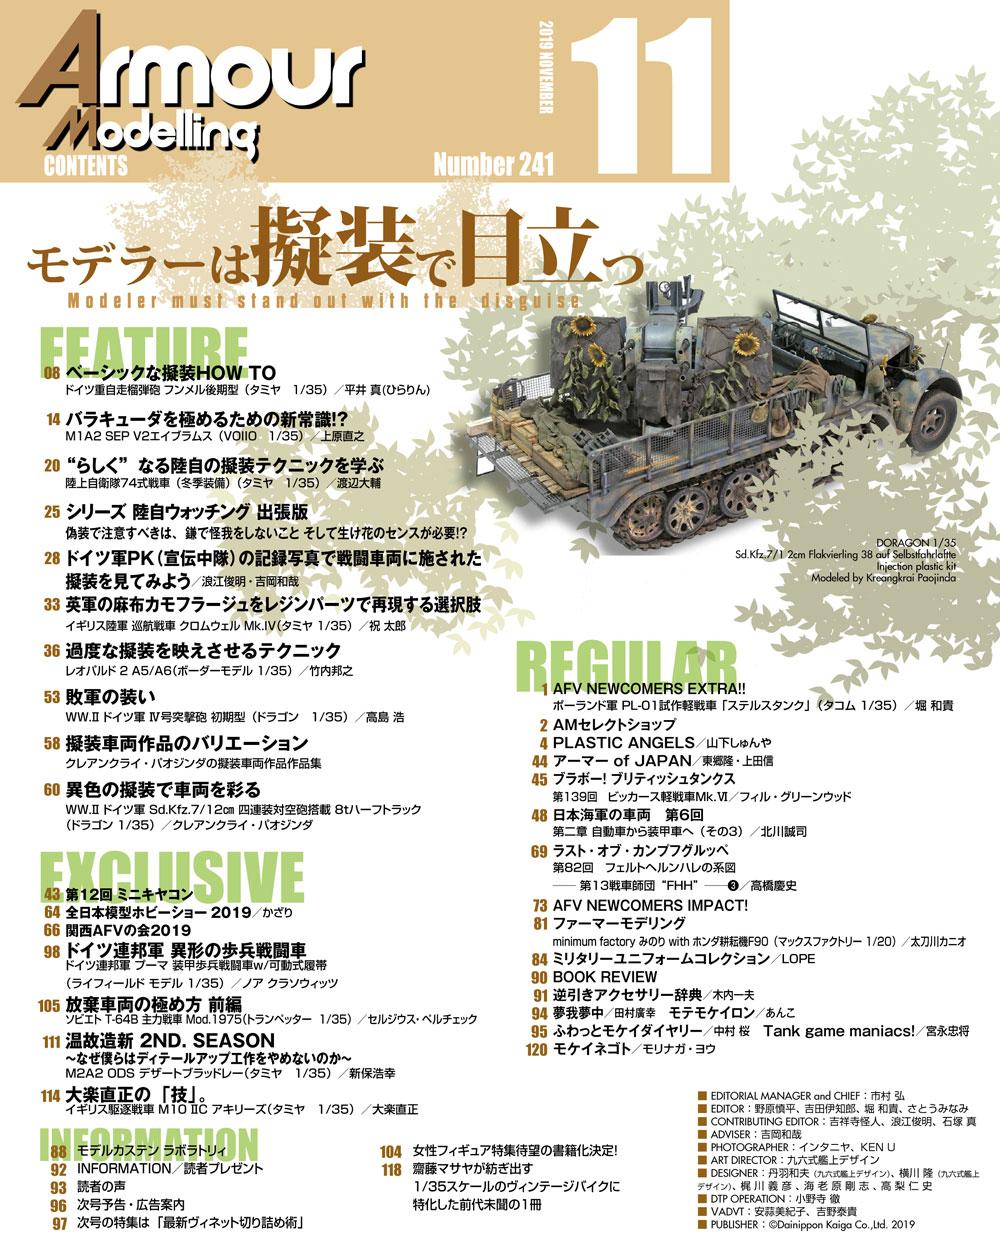 アーマーモデリング 2019年11月号雑誌(大日本絵画Armour ModelingNo.241)商品画像_1